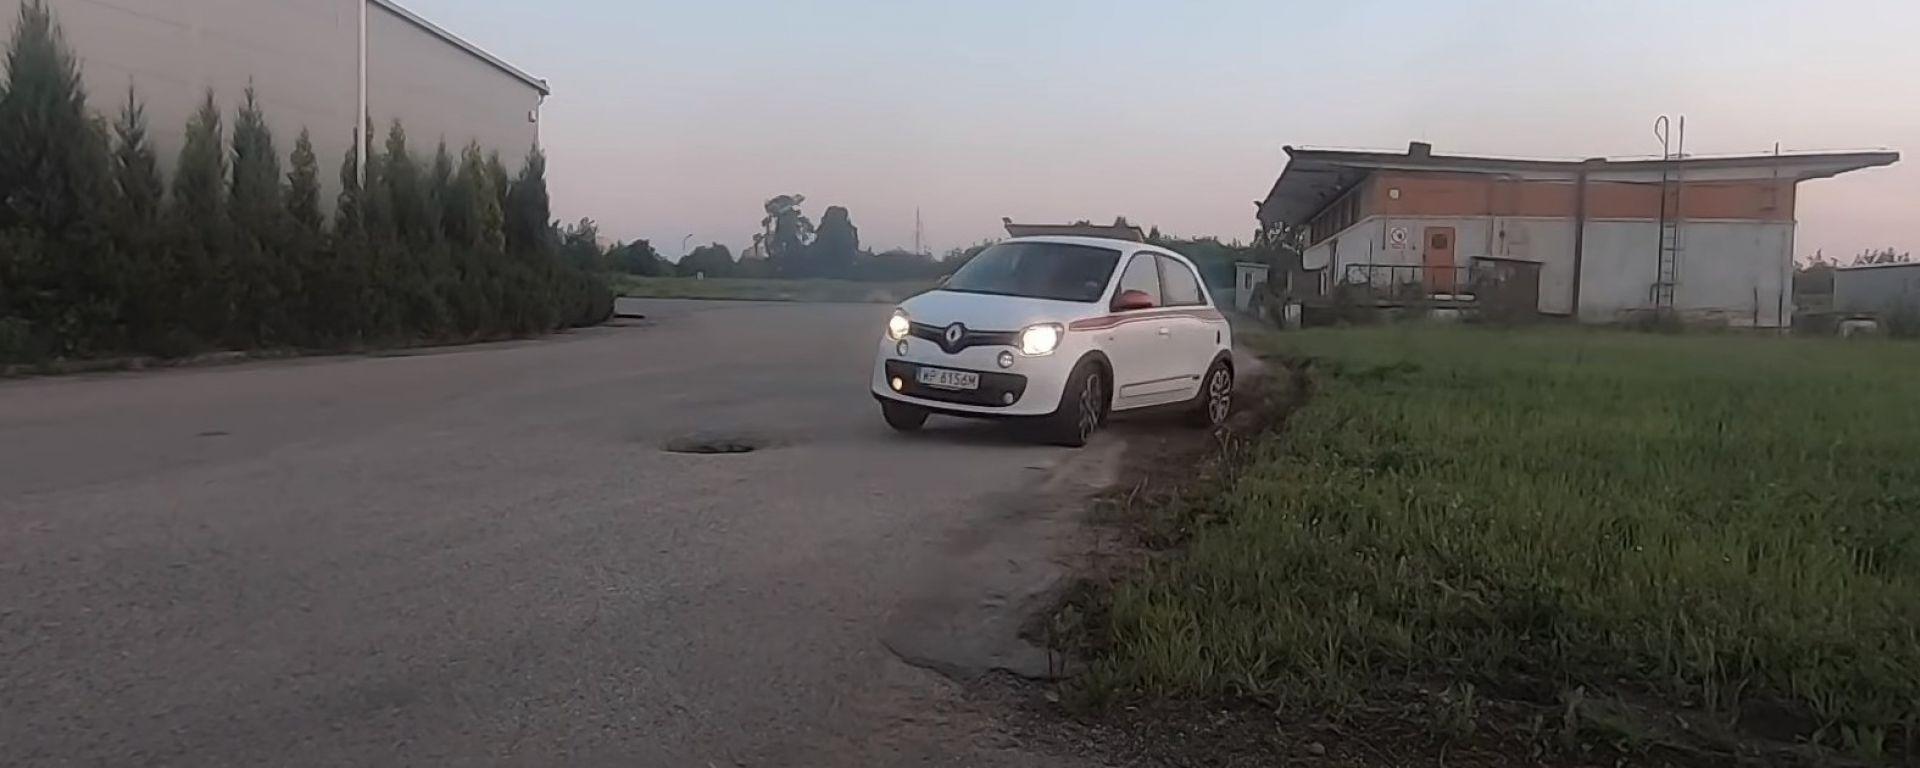 Renault Twingo impegnata in un drift mozzafiato